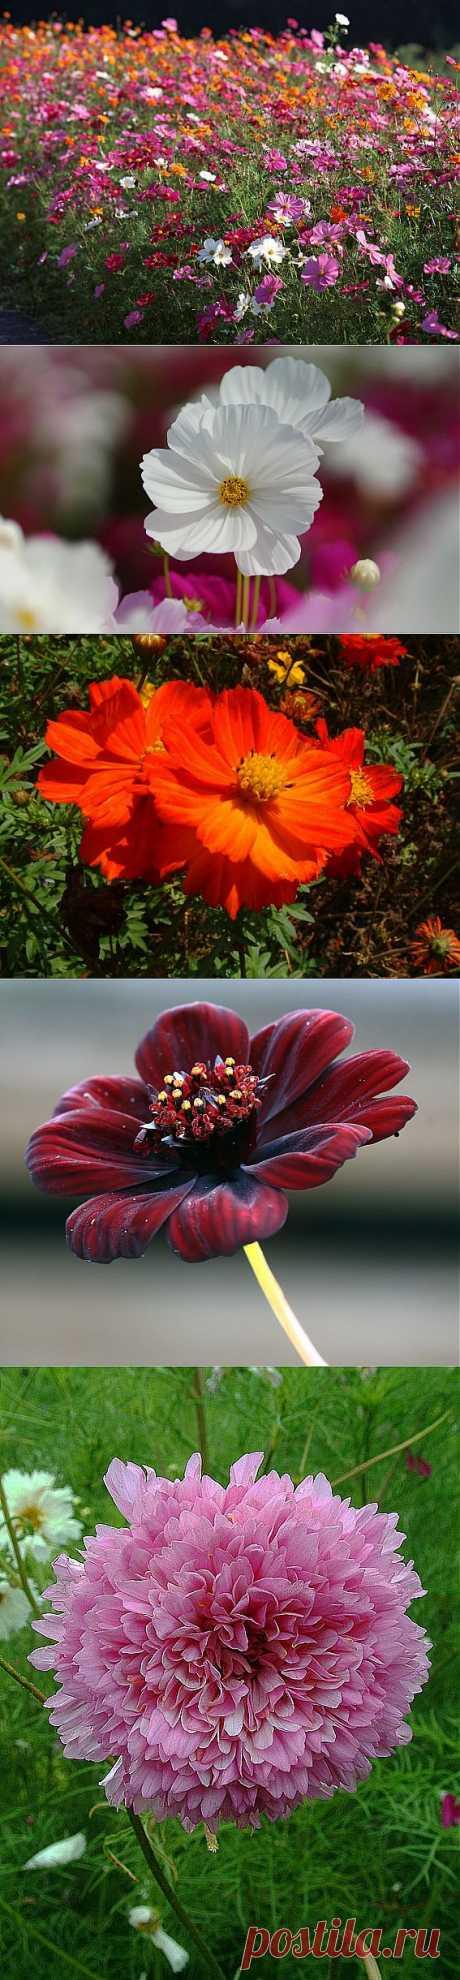 Изящная и простая космея: посадка, выращивание, уход.С ее яркими цветками ассоциируется радужное лето и теплое солнце. Эти неприхотливые цветы, прибывшие к нам когда-то из Мексики, сейчас можно встретить повсеместно, их любят сажать и в городских дворах, и в частных домах, и на дачах. При взгляде на клумбу с космеями кажется, что это пушистый зеленый ковер с разноцветными звездочками.